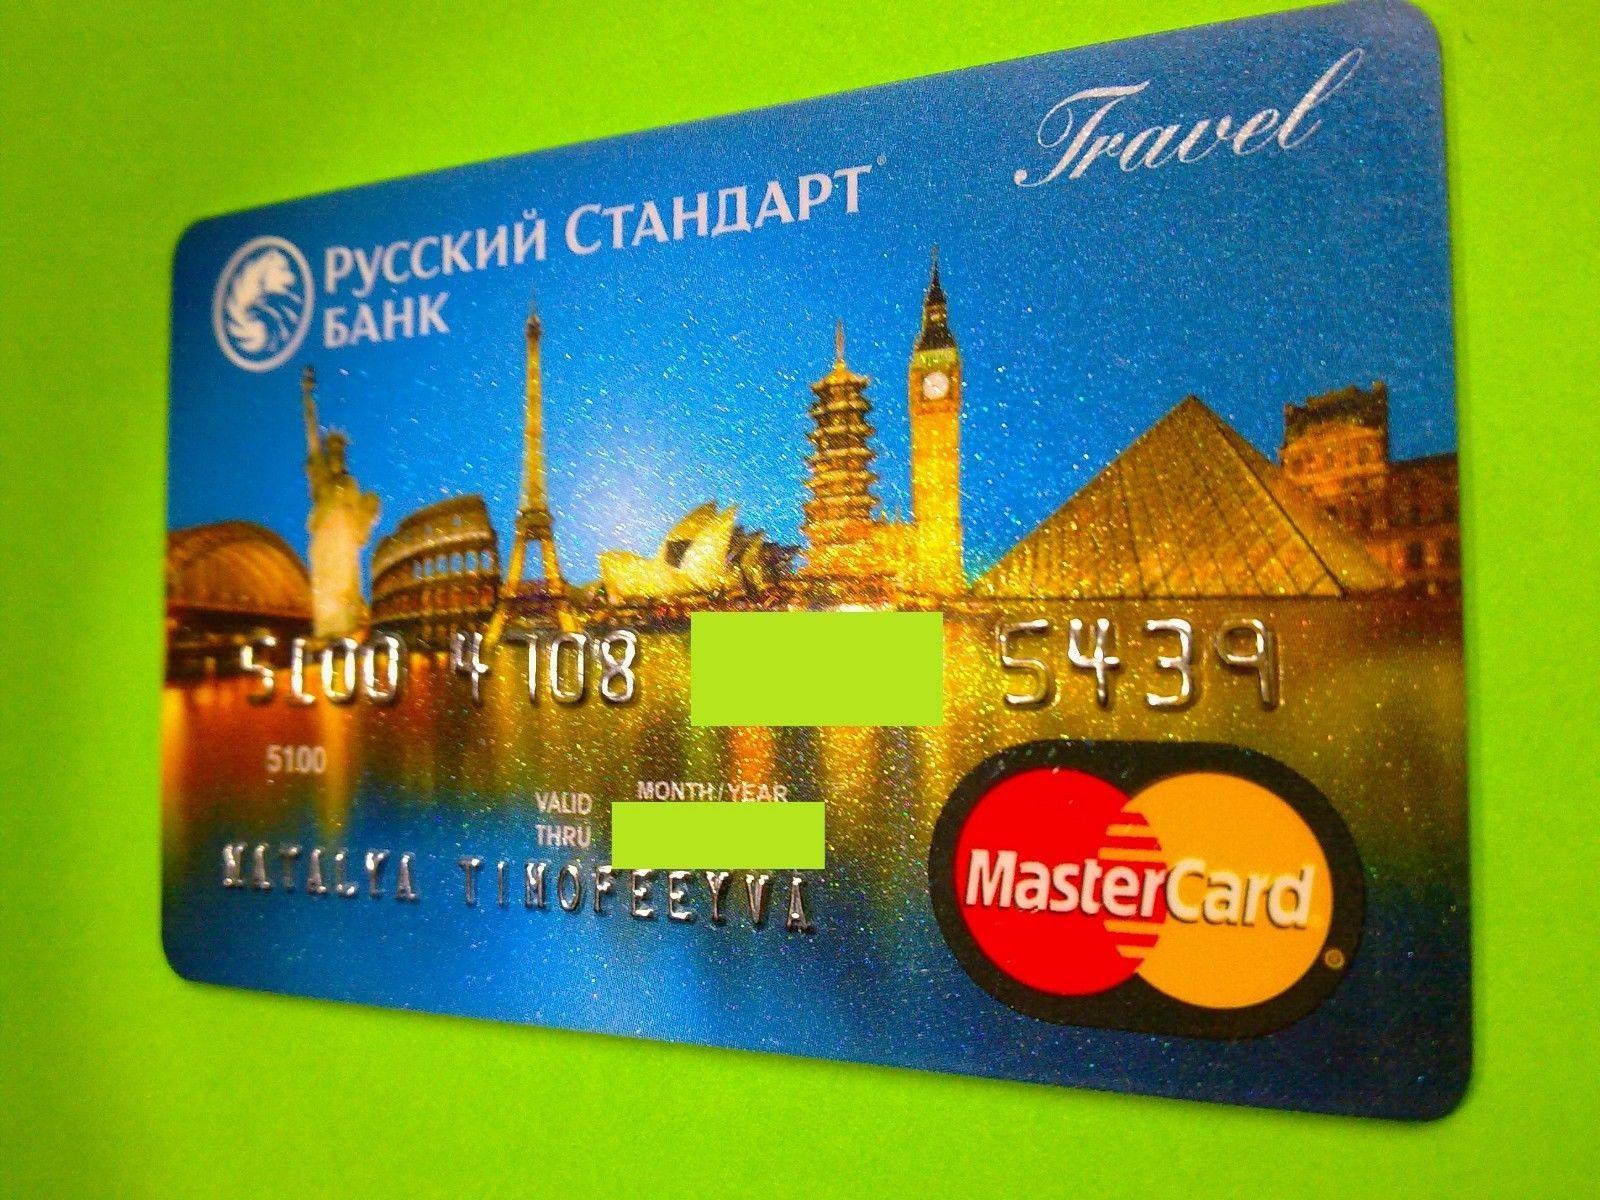 Russia Mastercard Travel credit card (expired) | Предметы для коллекций, Кредитные и платежные карты | eBay!